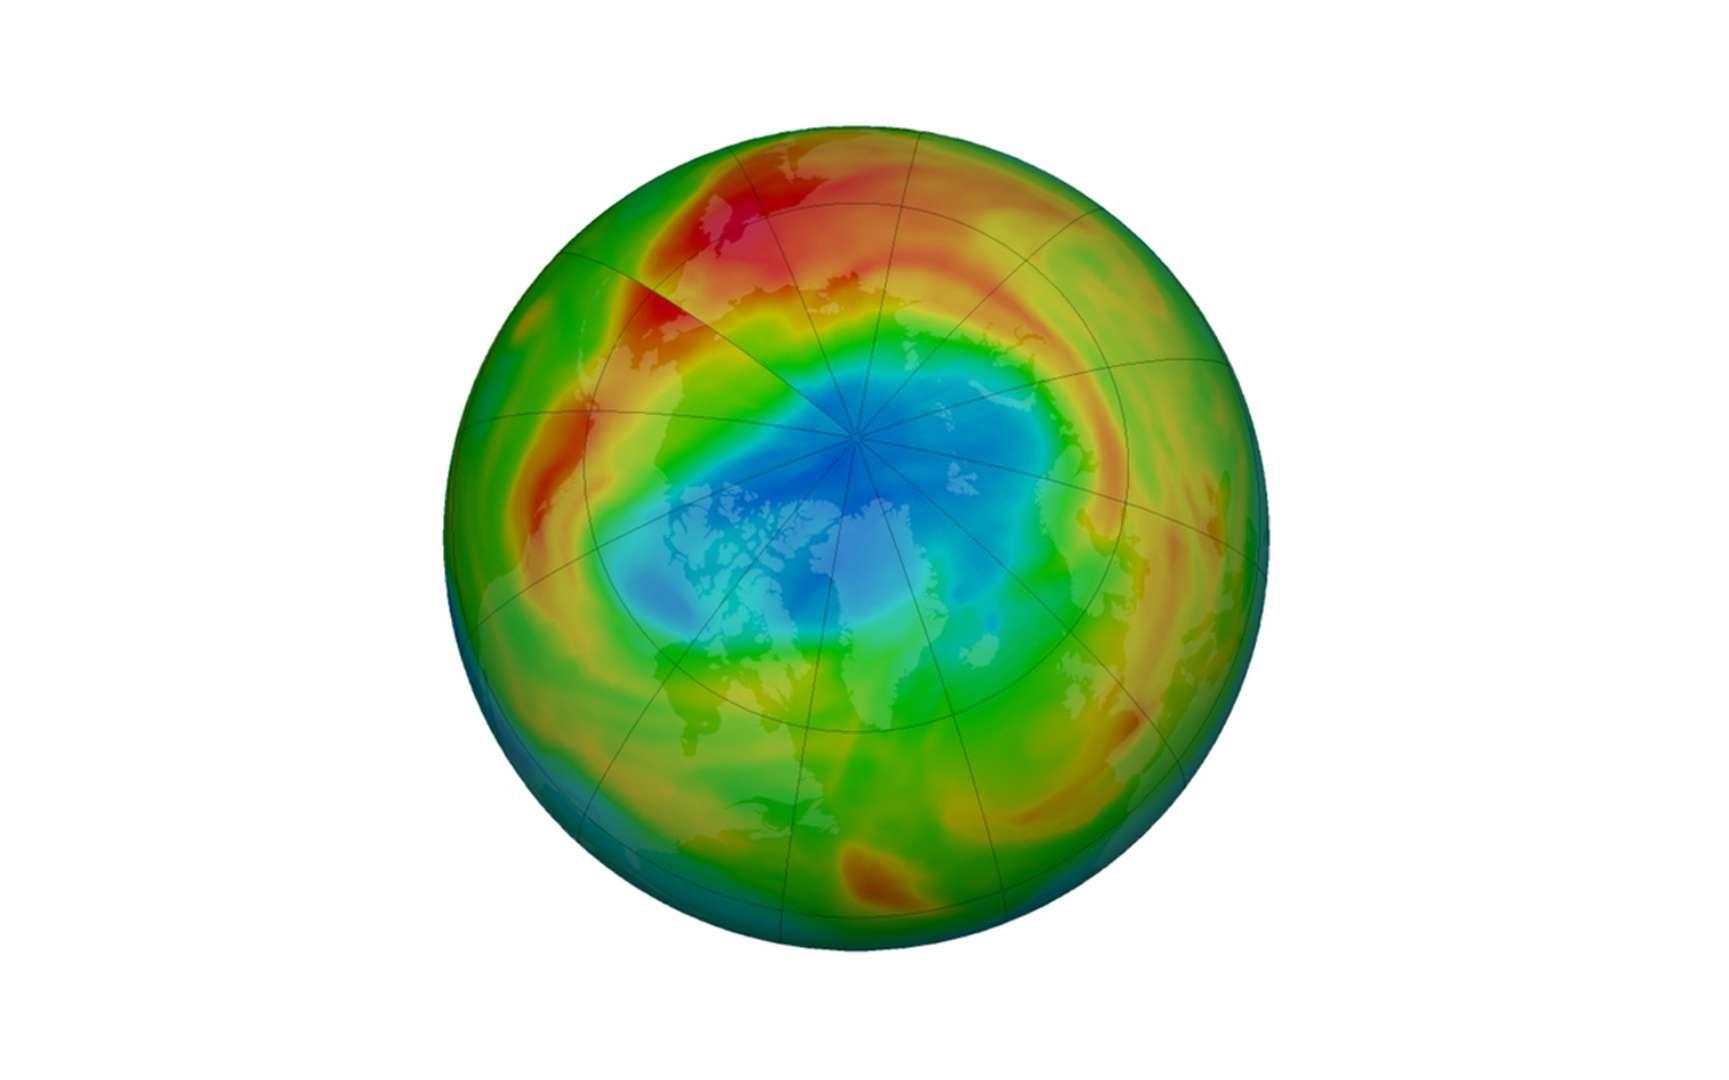 Les observations de cet hiver ont montré une diminution significative du contenu en ozone de la stratosphère durant plusieurs semaines, sur une large zone autour du Pôle Nord. Mais le trou s'est refermé à la fin du mois d'avril. © Nasa Ozone watch